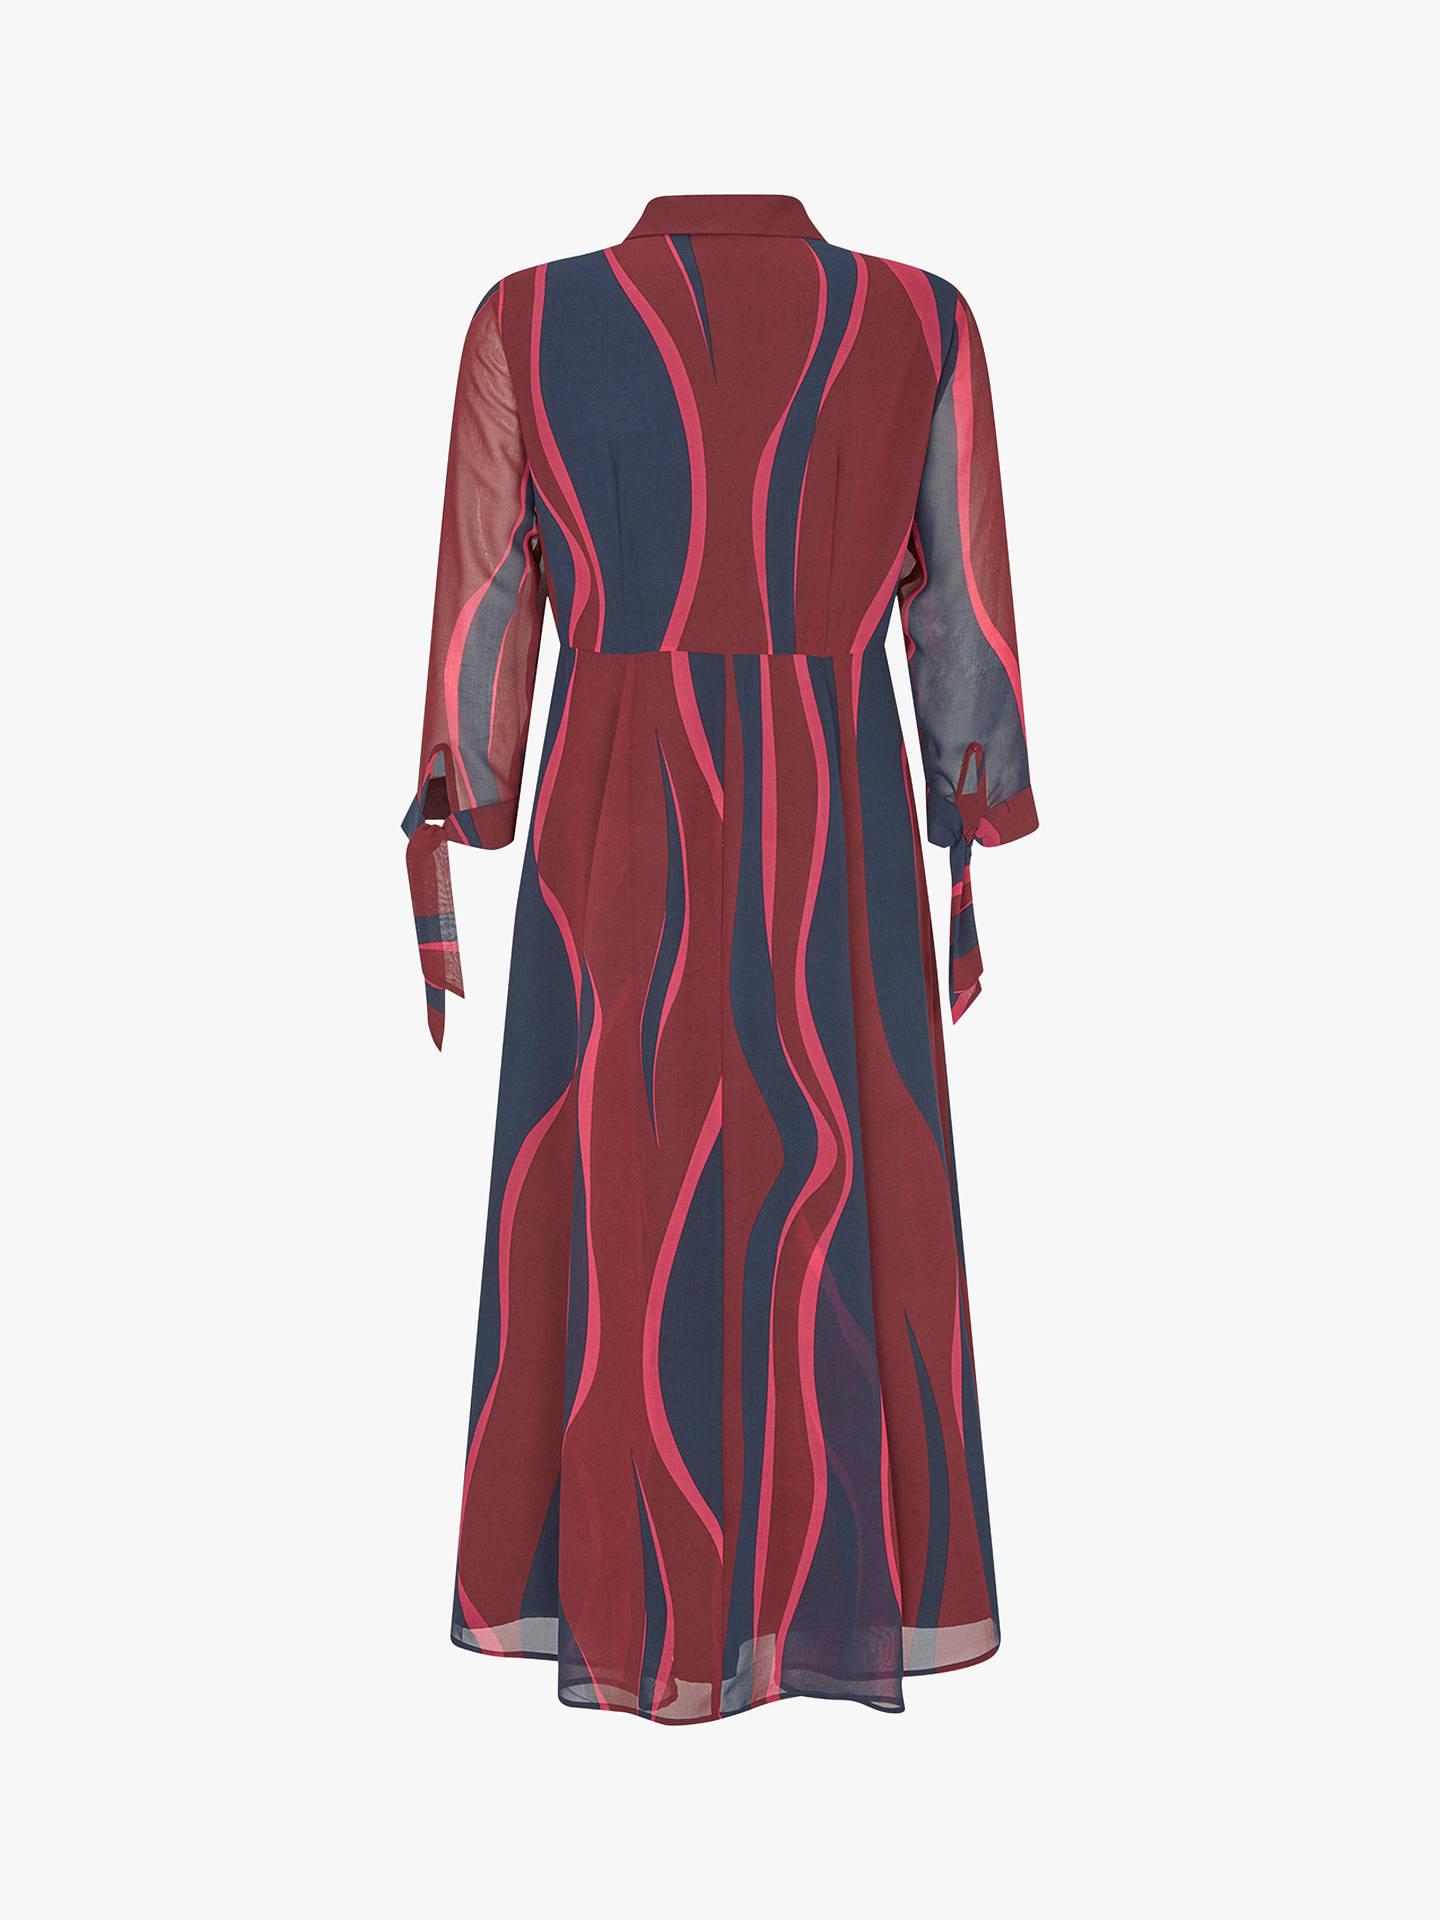 392d50d5932d20 Buy Mint Velvet Ripple Stripe Print Midi Dress, Multi, 6 Online at  johnlewis.